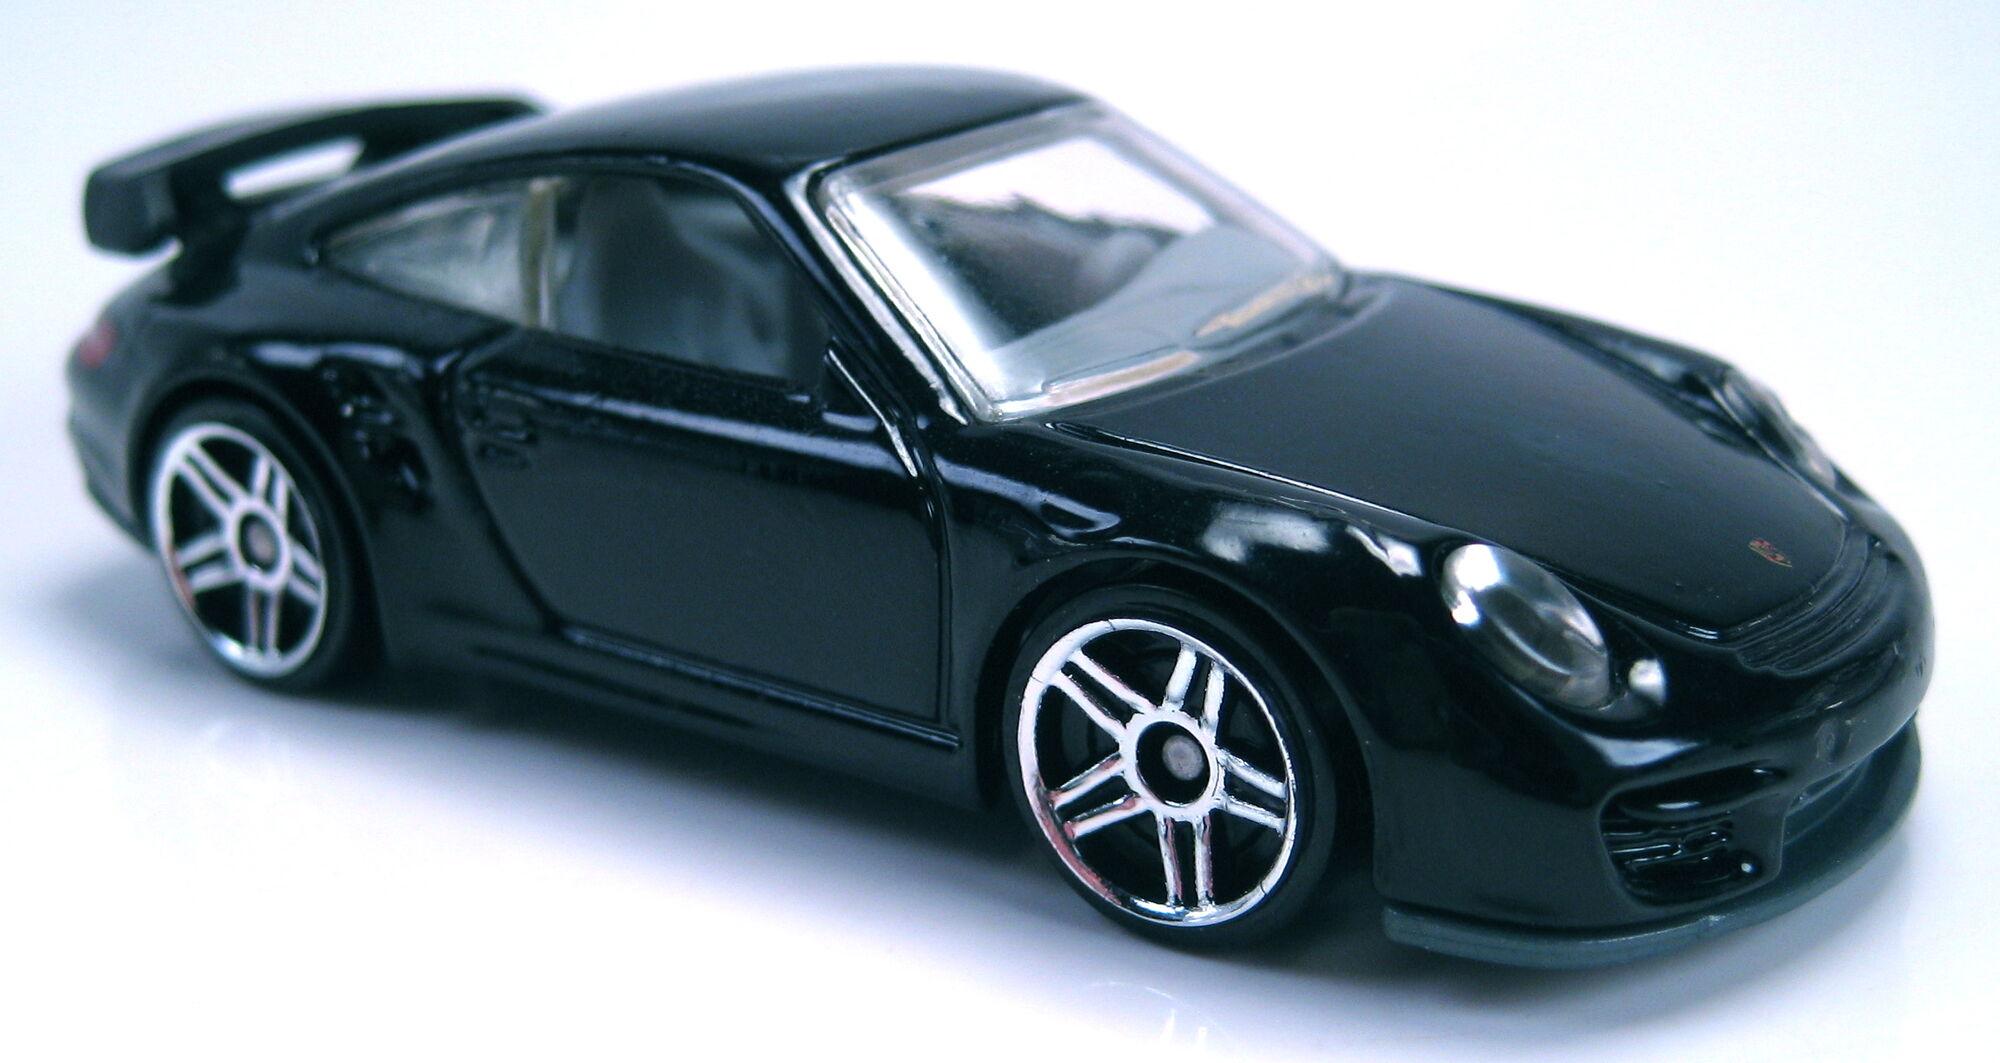 2000?cb=20121202013808 Outstanding Porsche 911 Gt2 Hot Wheels Cars Trend